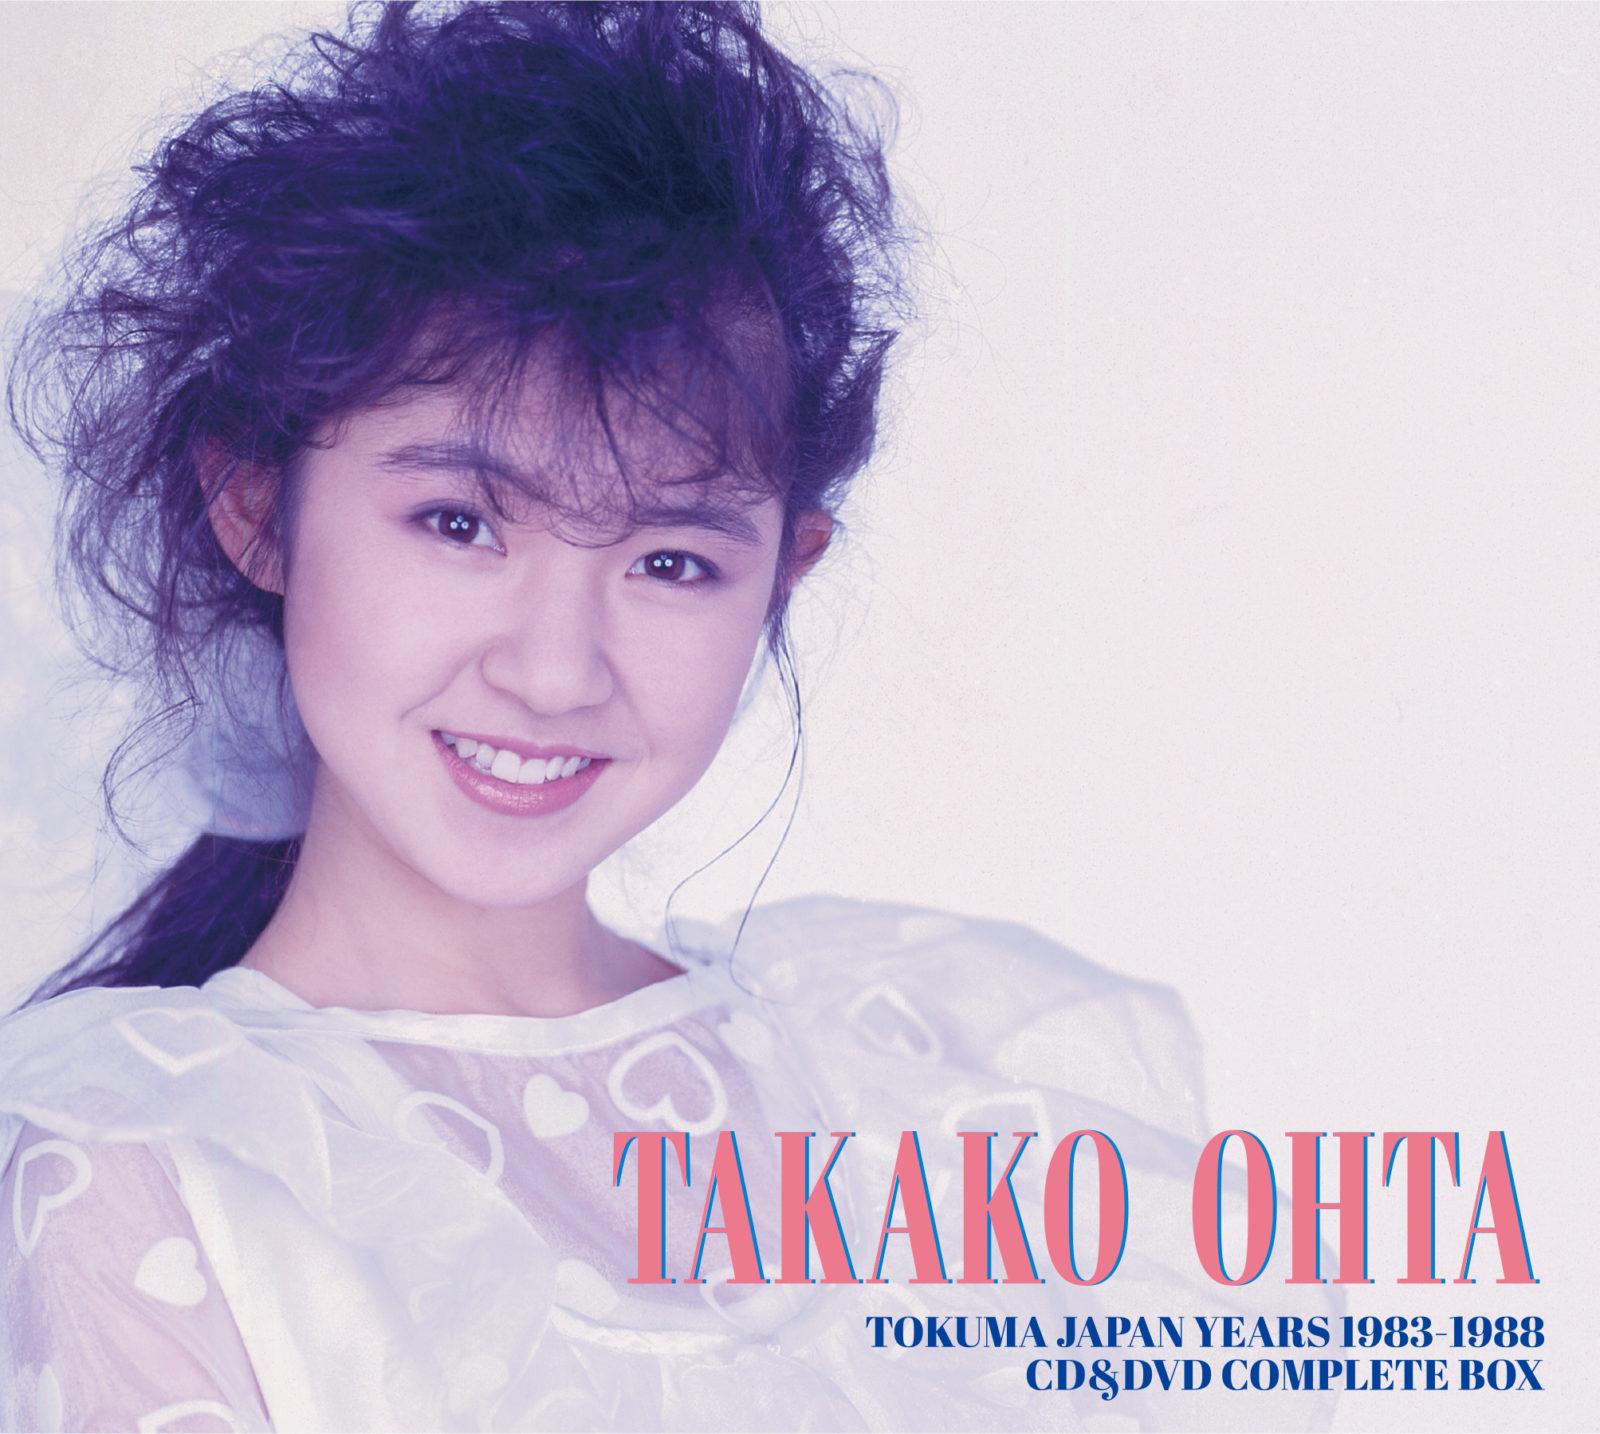 太田貴子、コンプリートボックスの収録曲大幅追加&ジャケ写公開サムネイル画像!